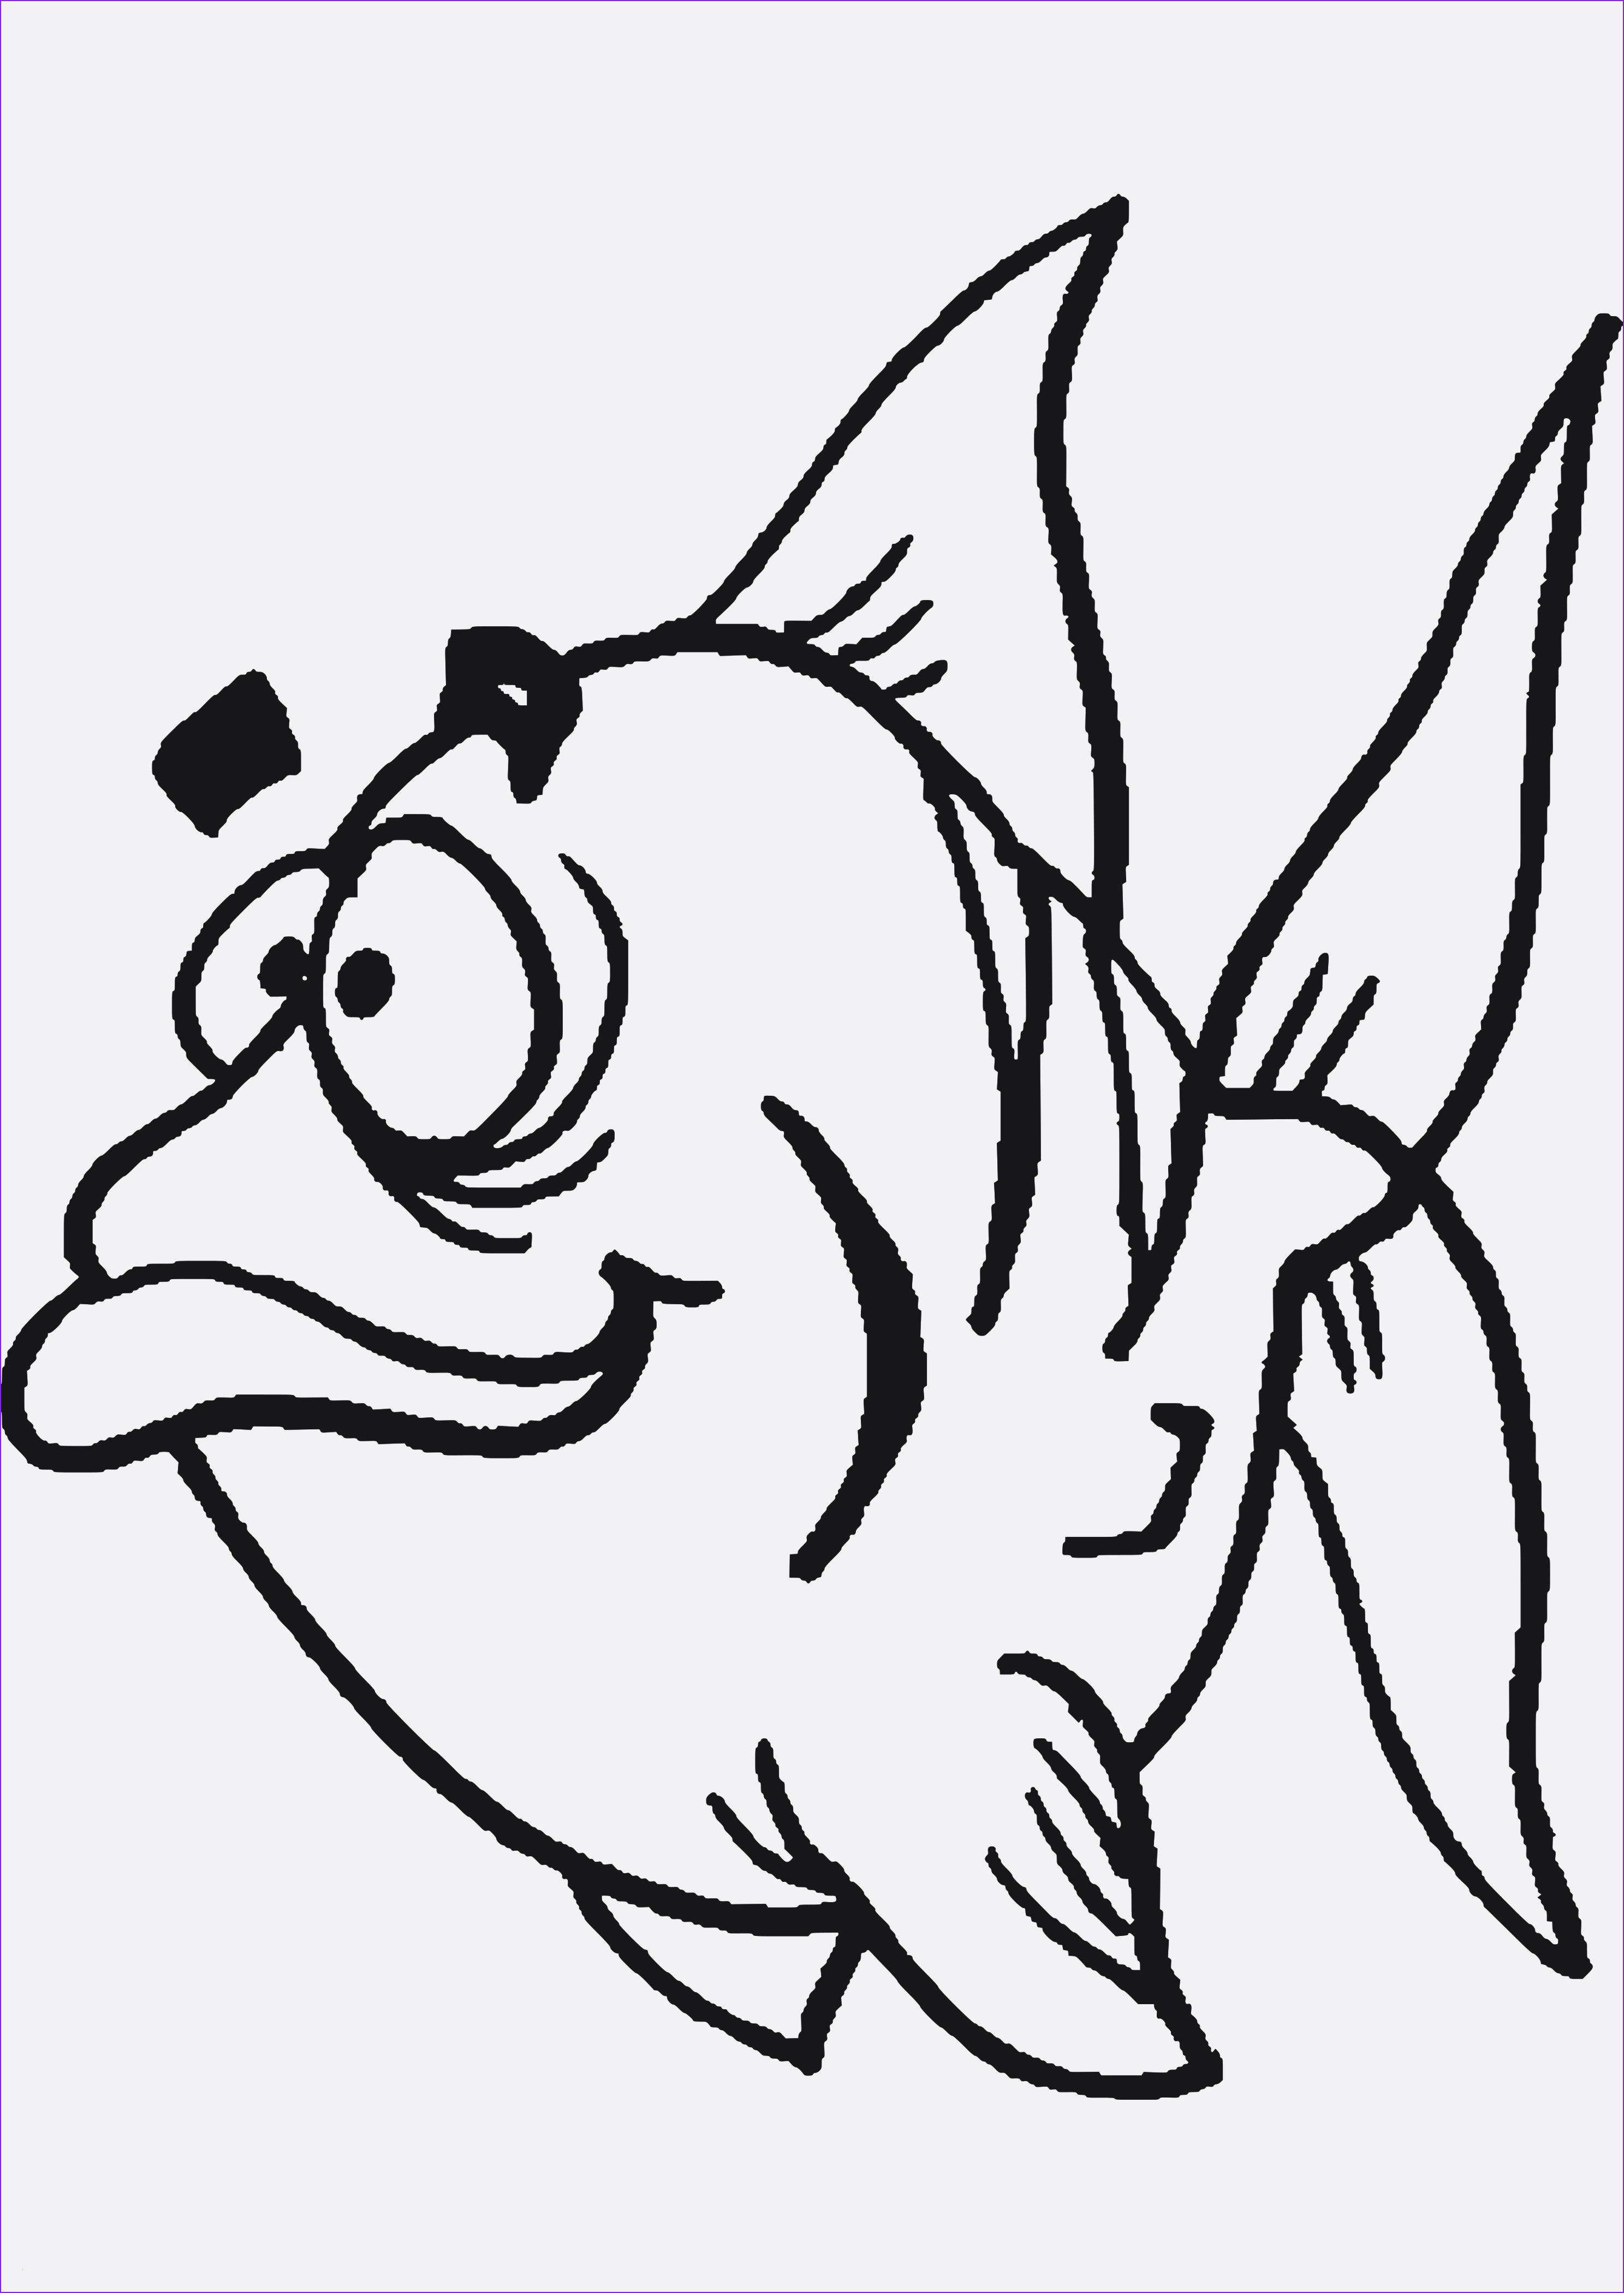 Fische Bilder Zum Ausdrucken Neu Unterwassertiere Ausmalbilder Schön 53 Ausmalbilder Tiere Fische Neu Stock